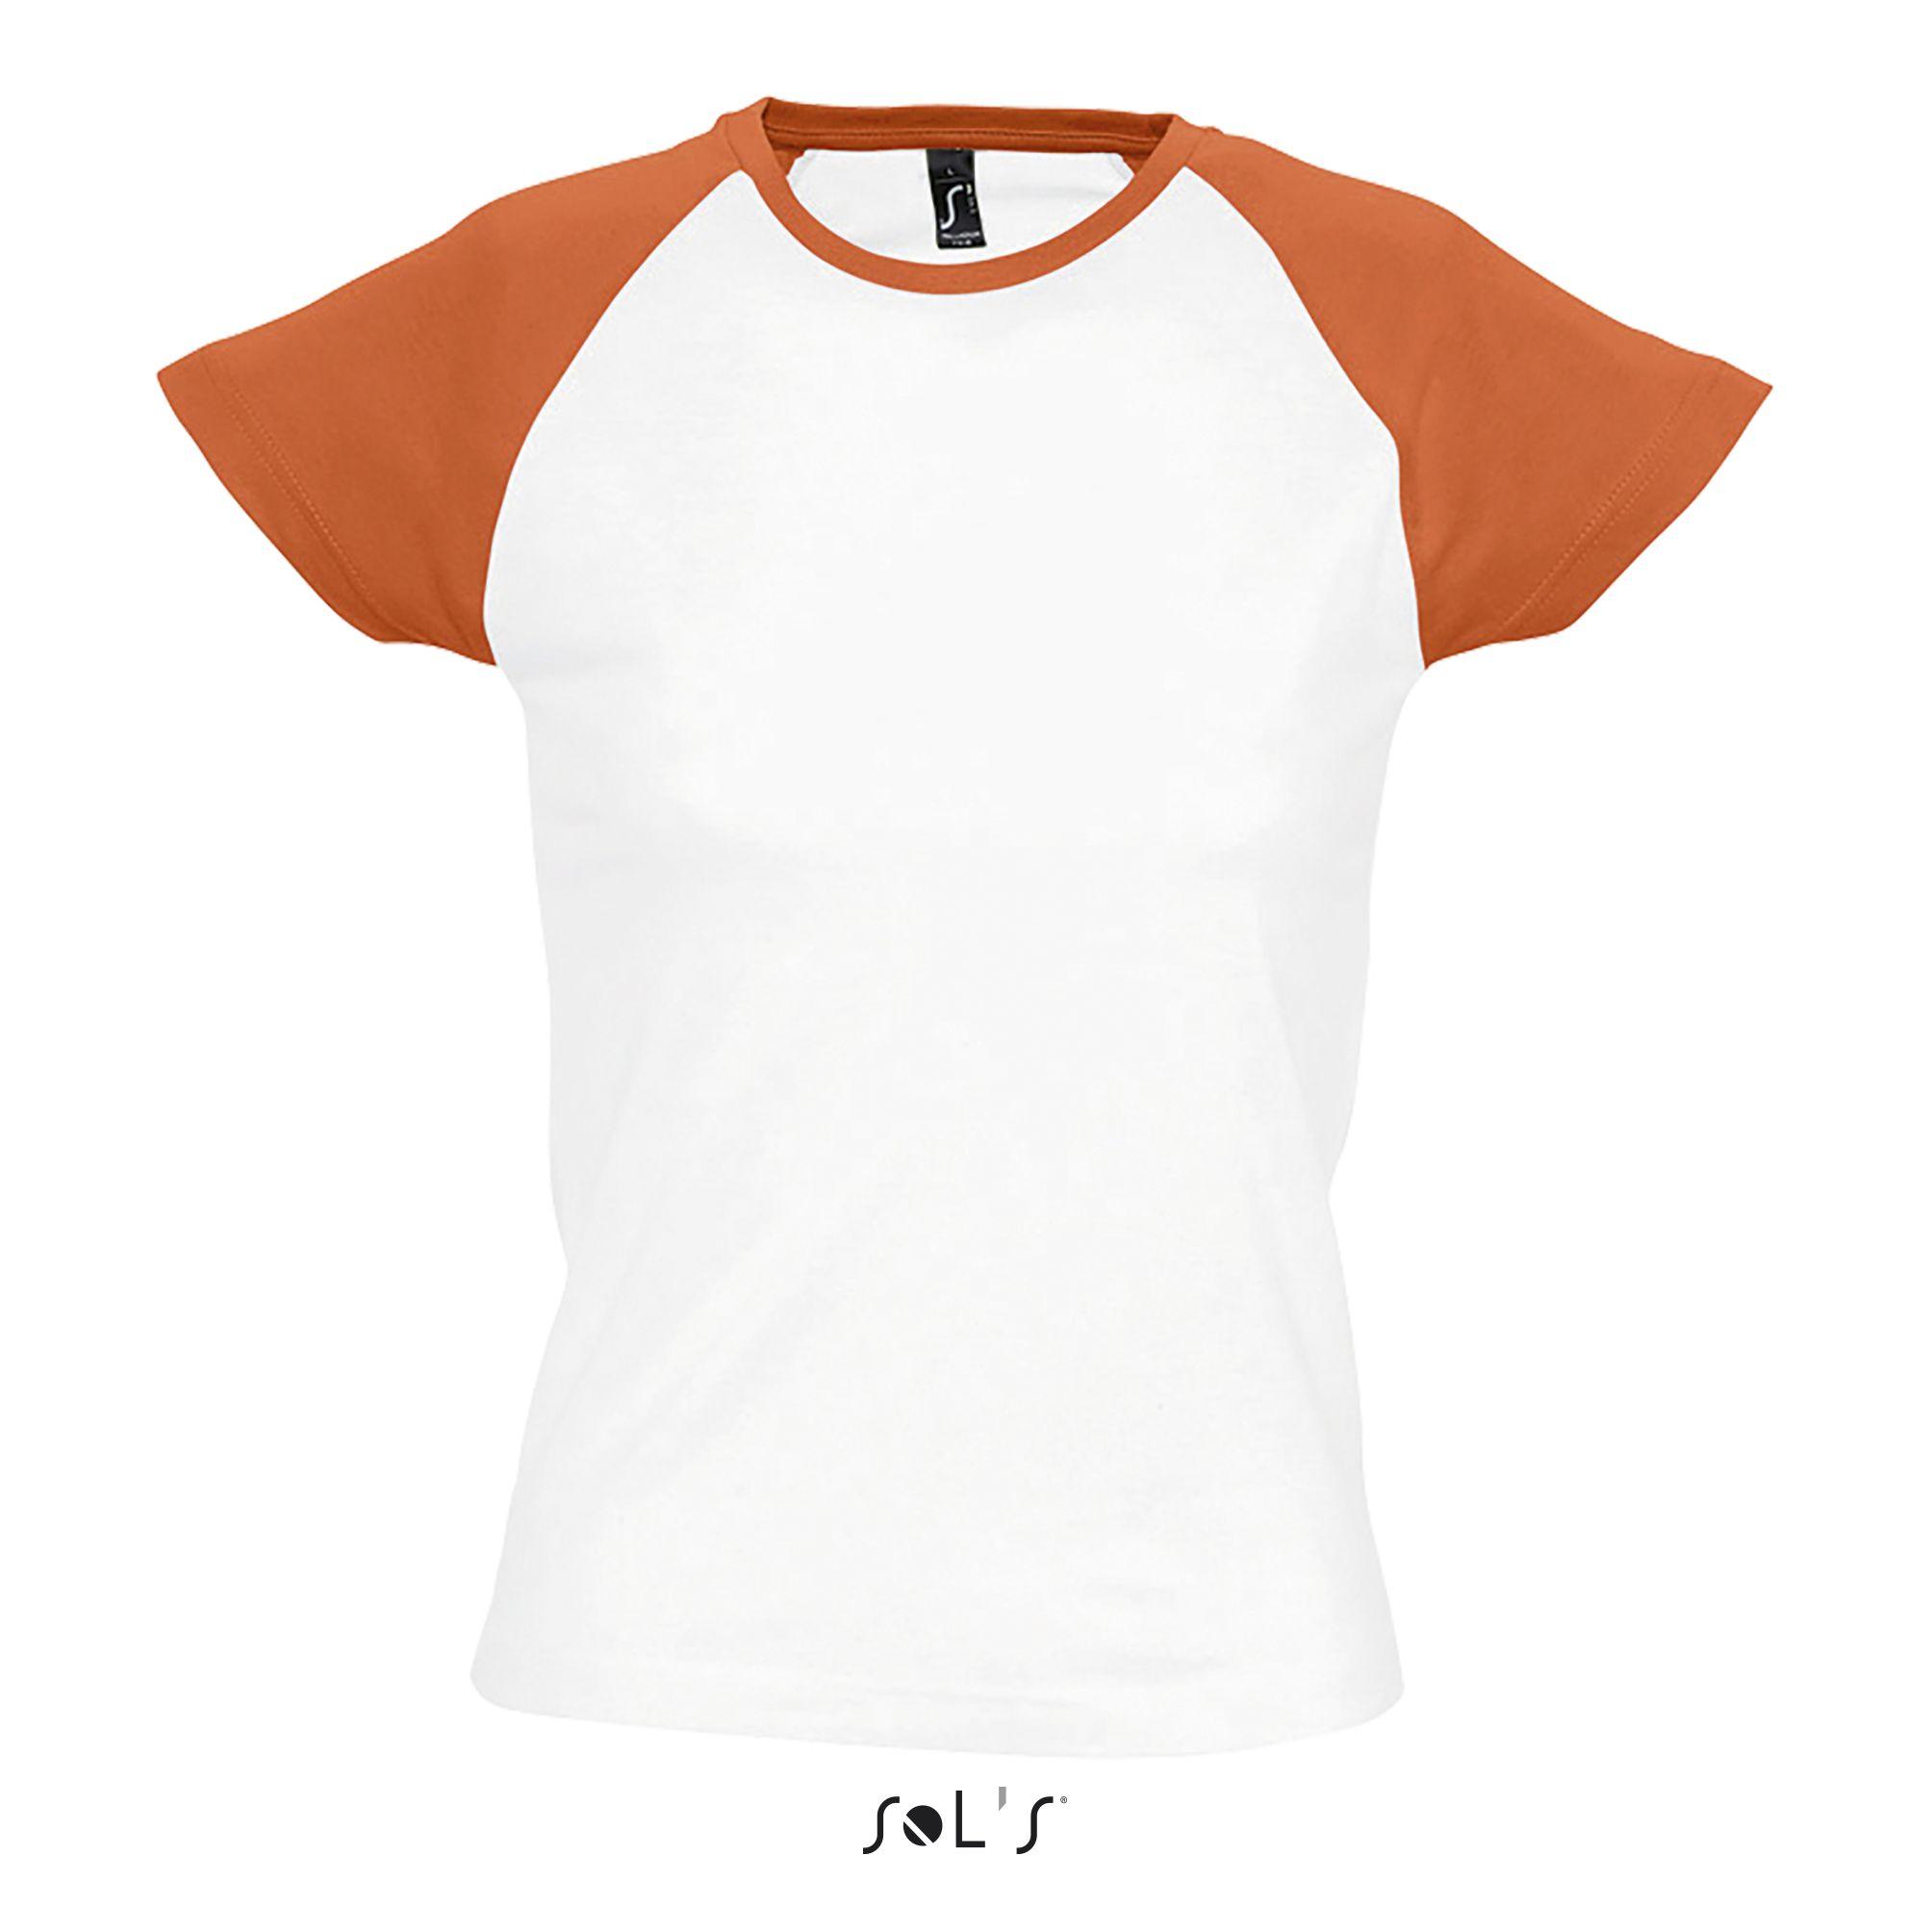 981 - White / Orange